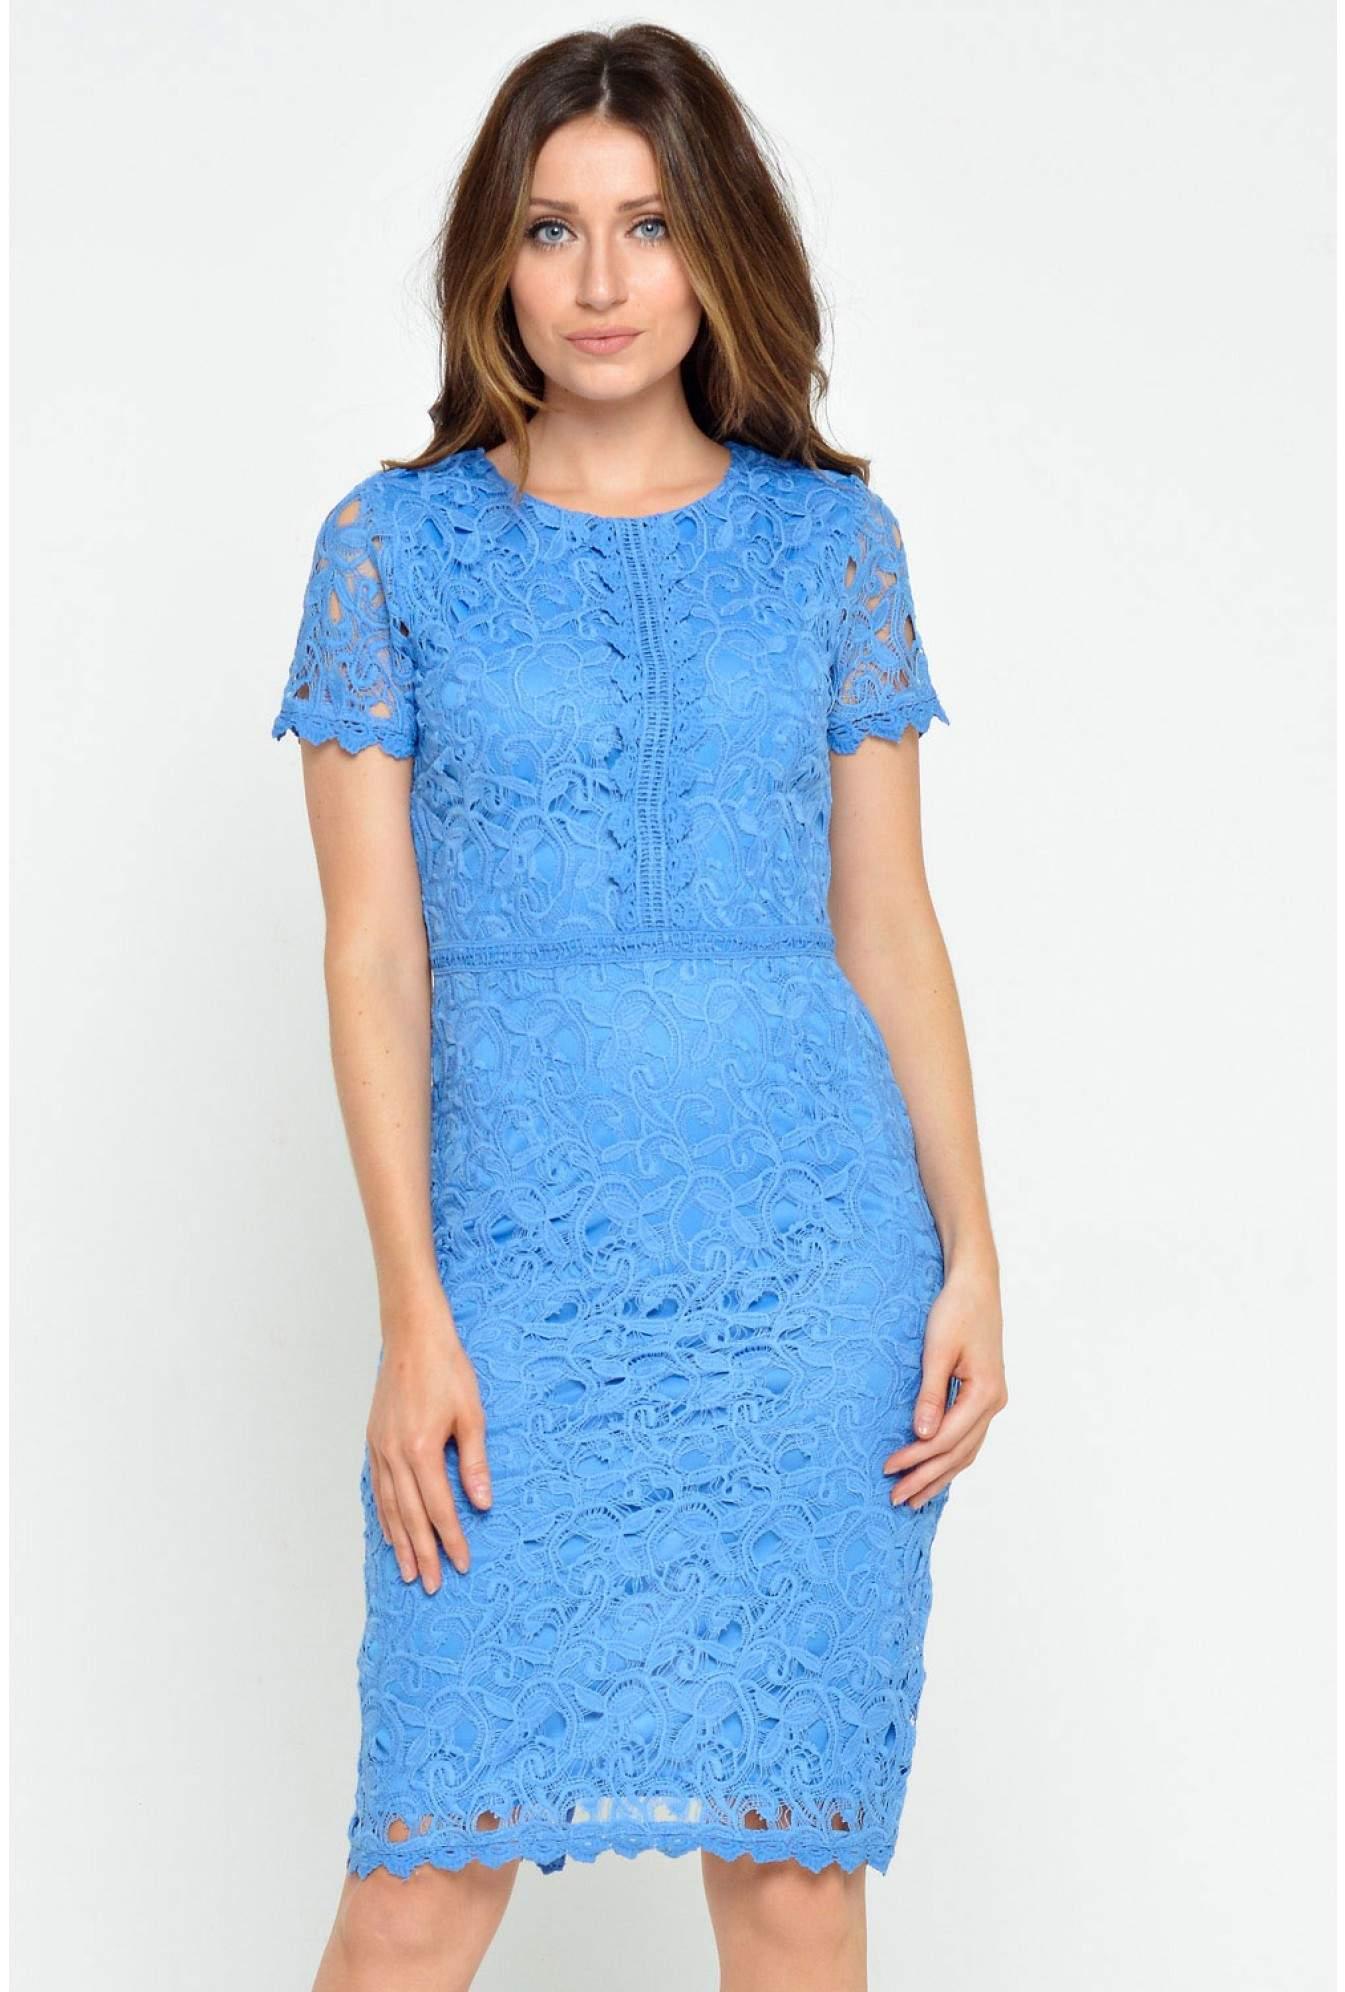 a02b3ba3f7 Marc Angelo Nancy Crochet Lace Midi Dress in Cornflower Blue